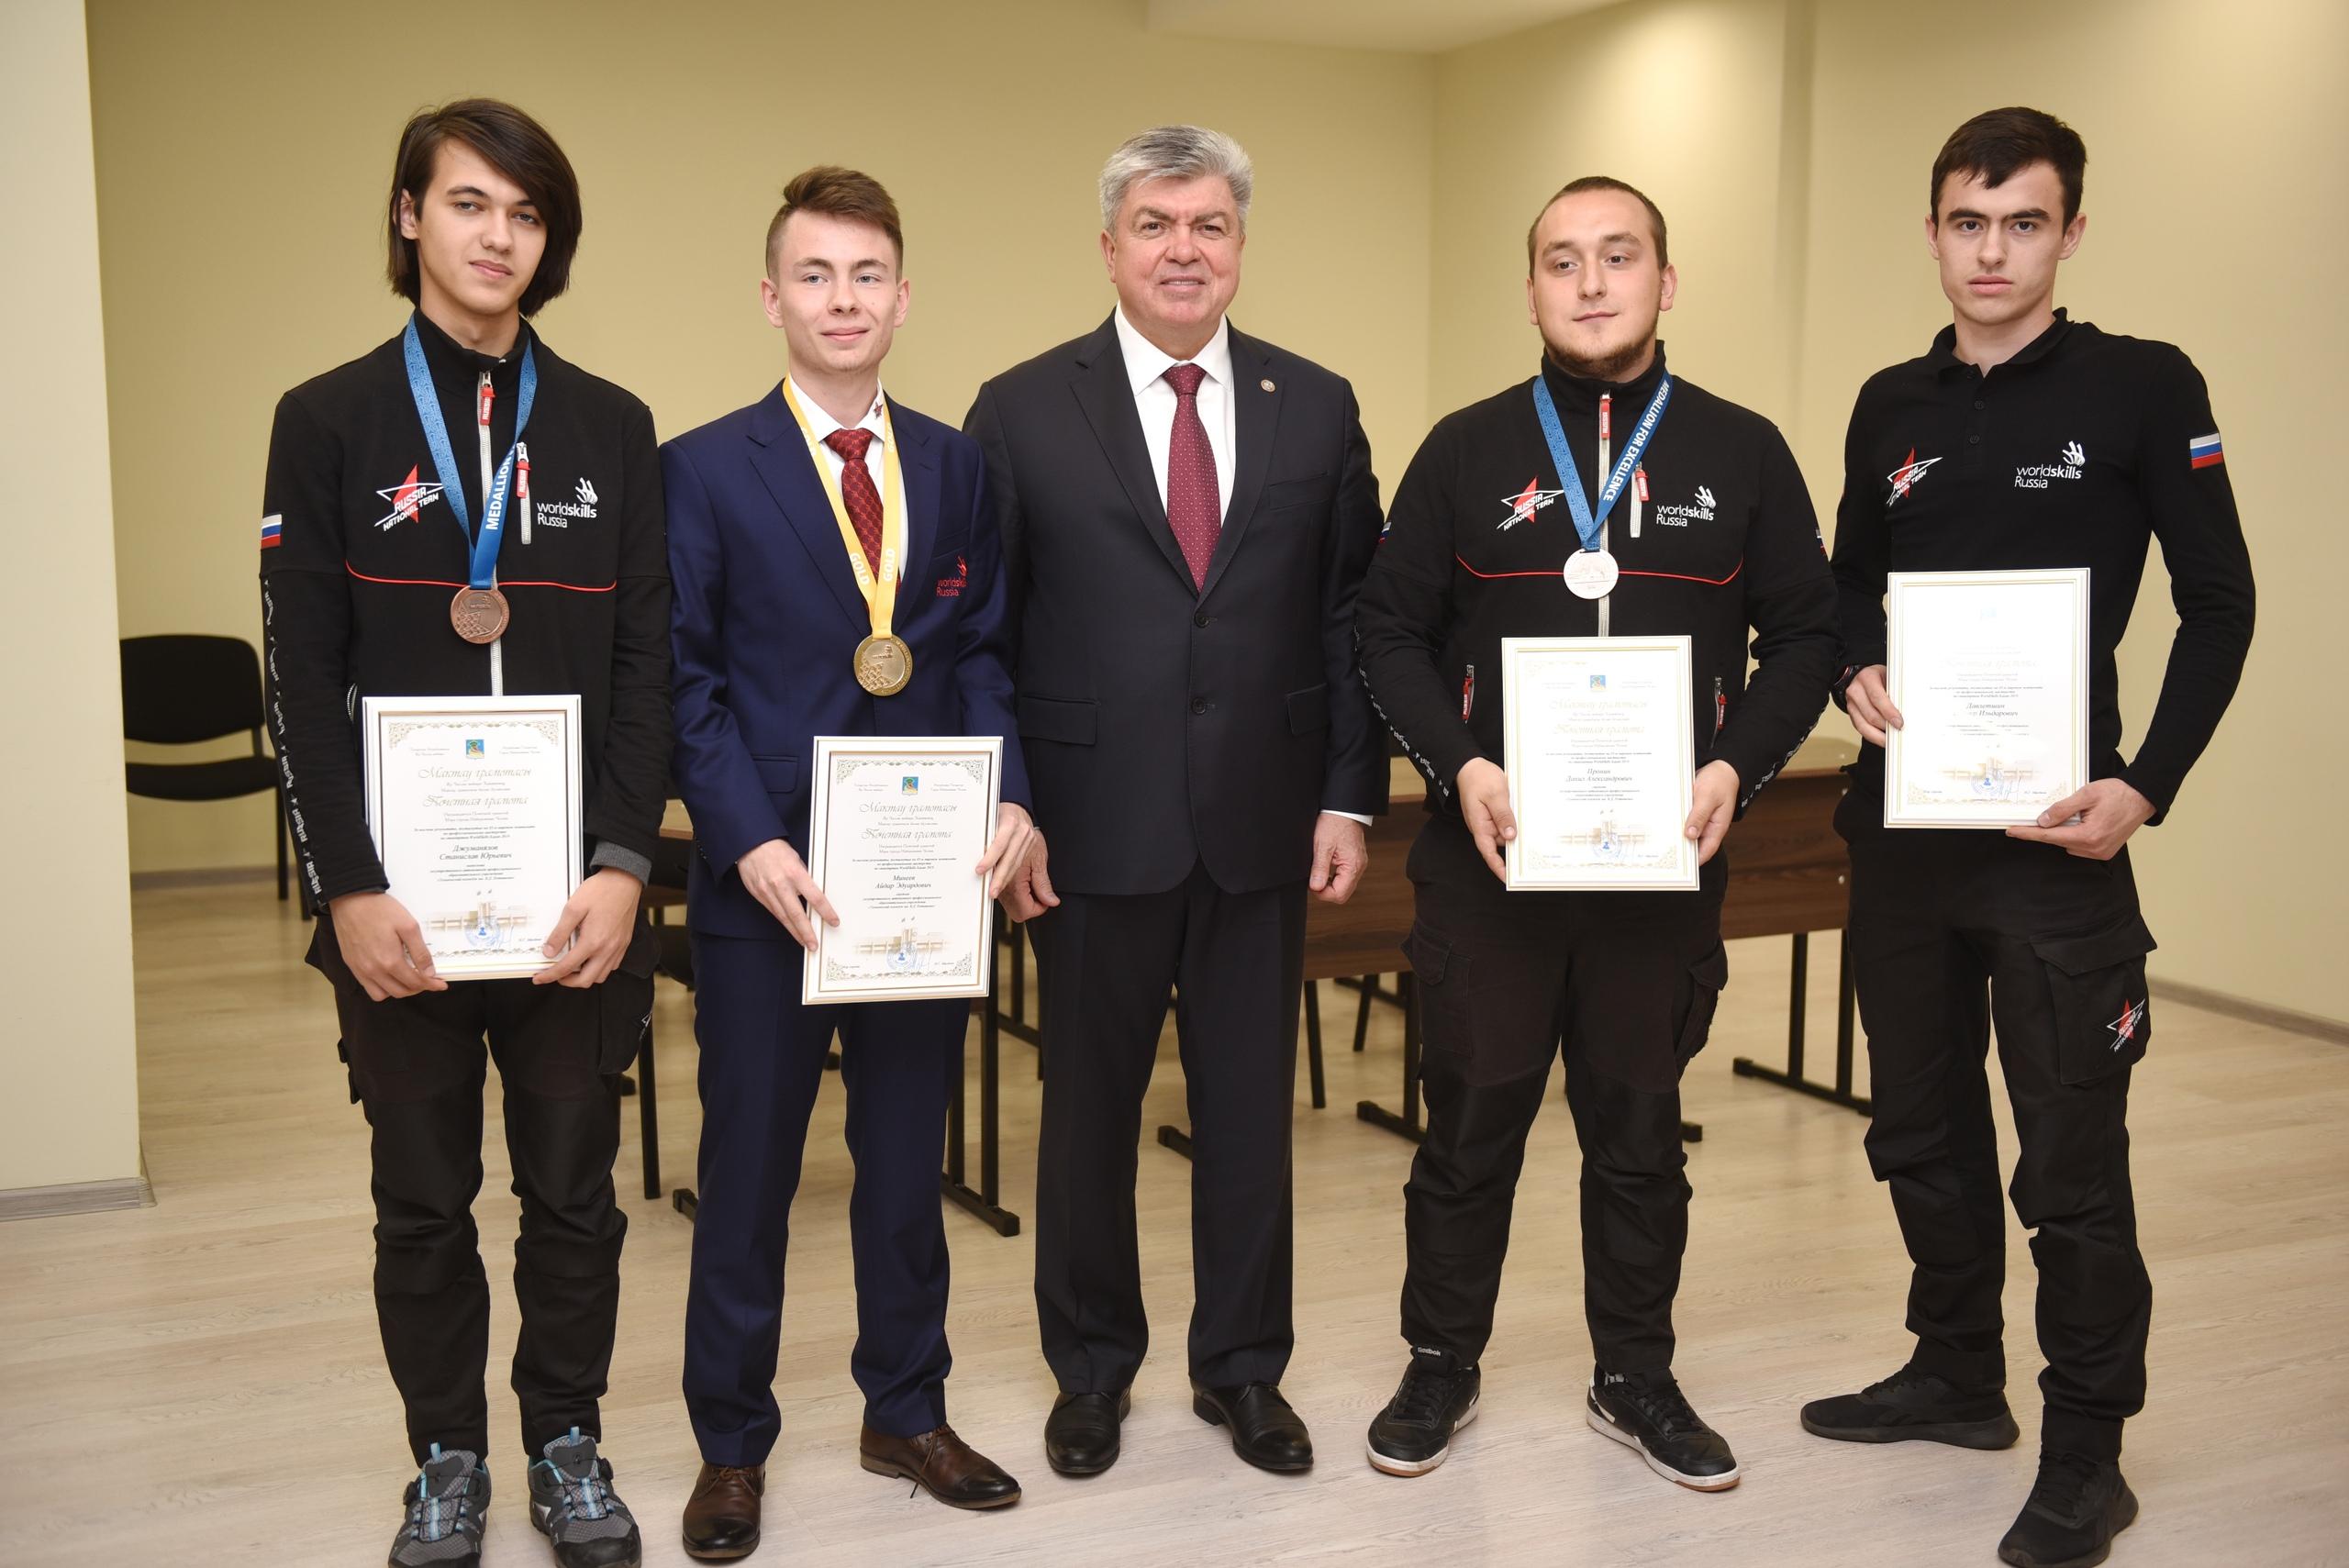 Встреча Мэра города с победителями и призерами мирового чемпионата WorldSkills Kazan 2019